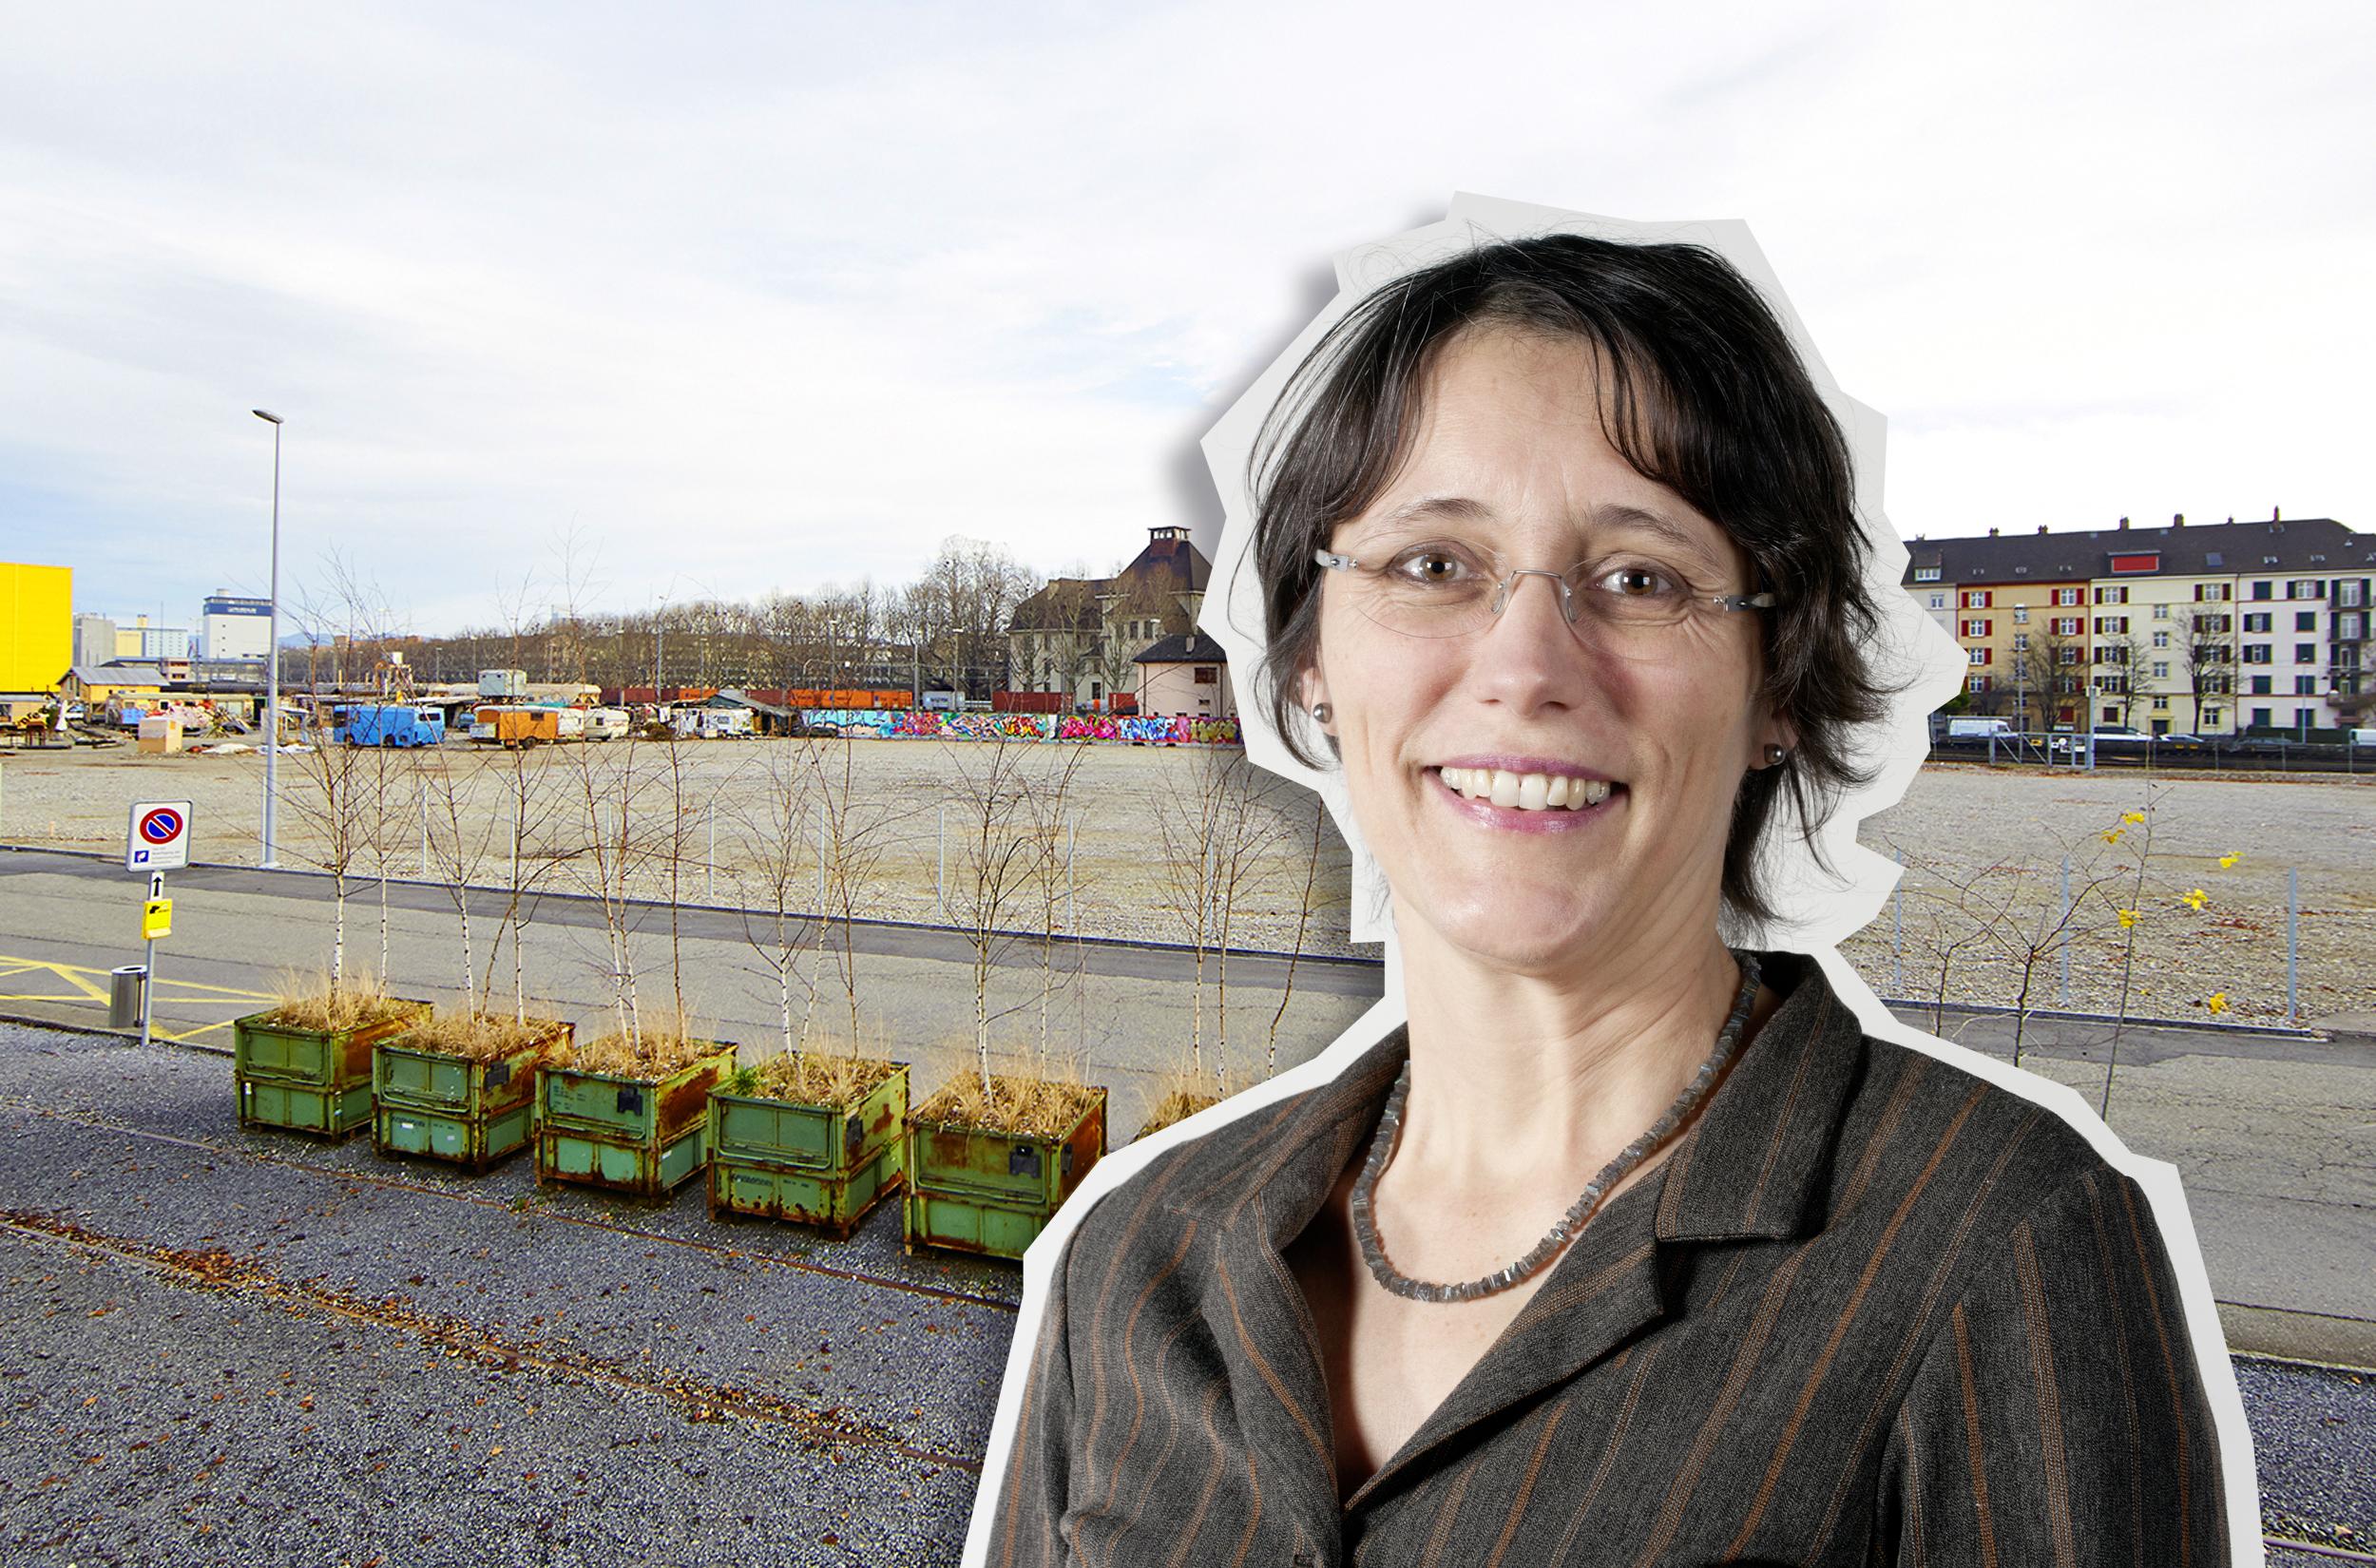 Heidi Mück hegt grosse Sympathien für den Wagenplatz. Entsprechend deutlich fällt ihr Urteil über die Fussballplatzidee der Regierung aus.